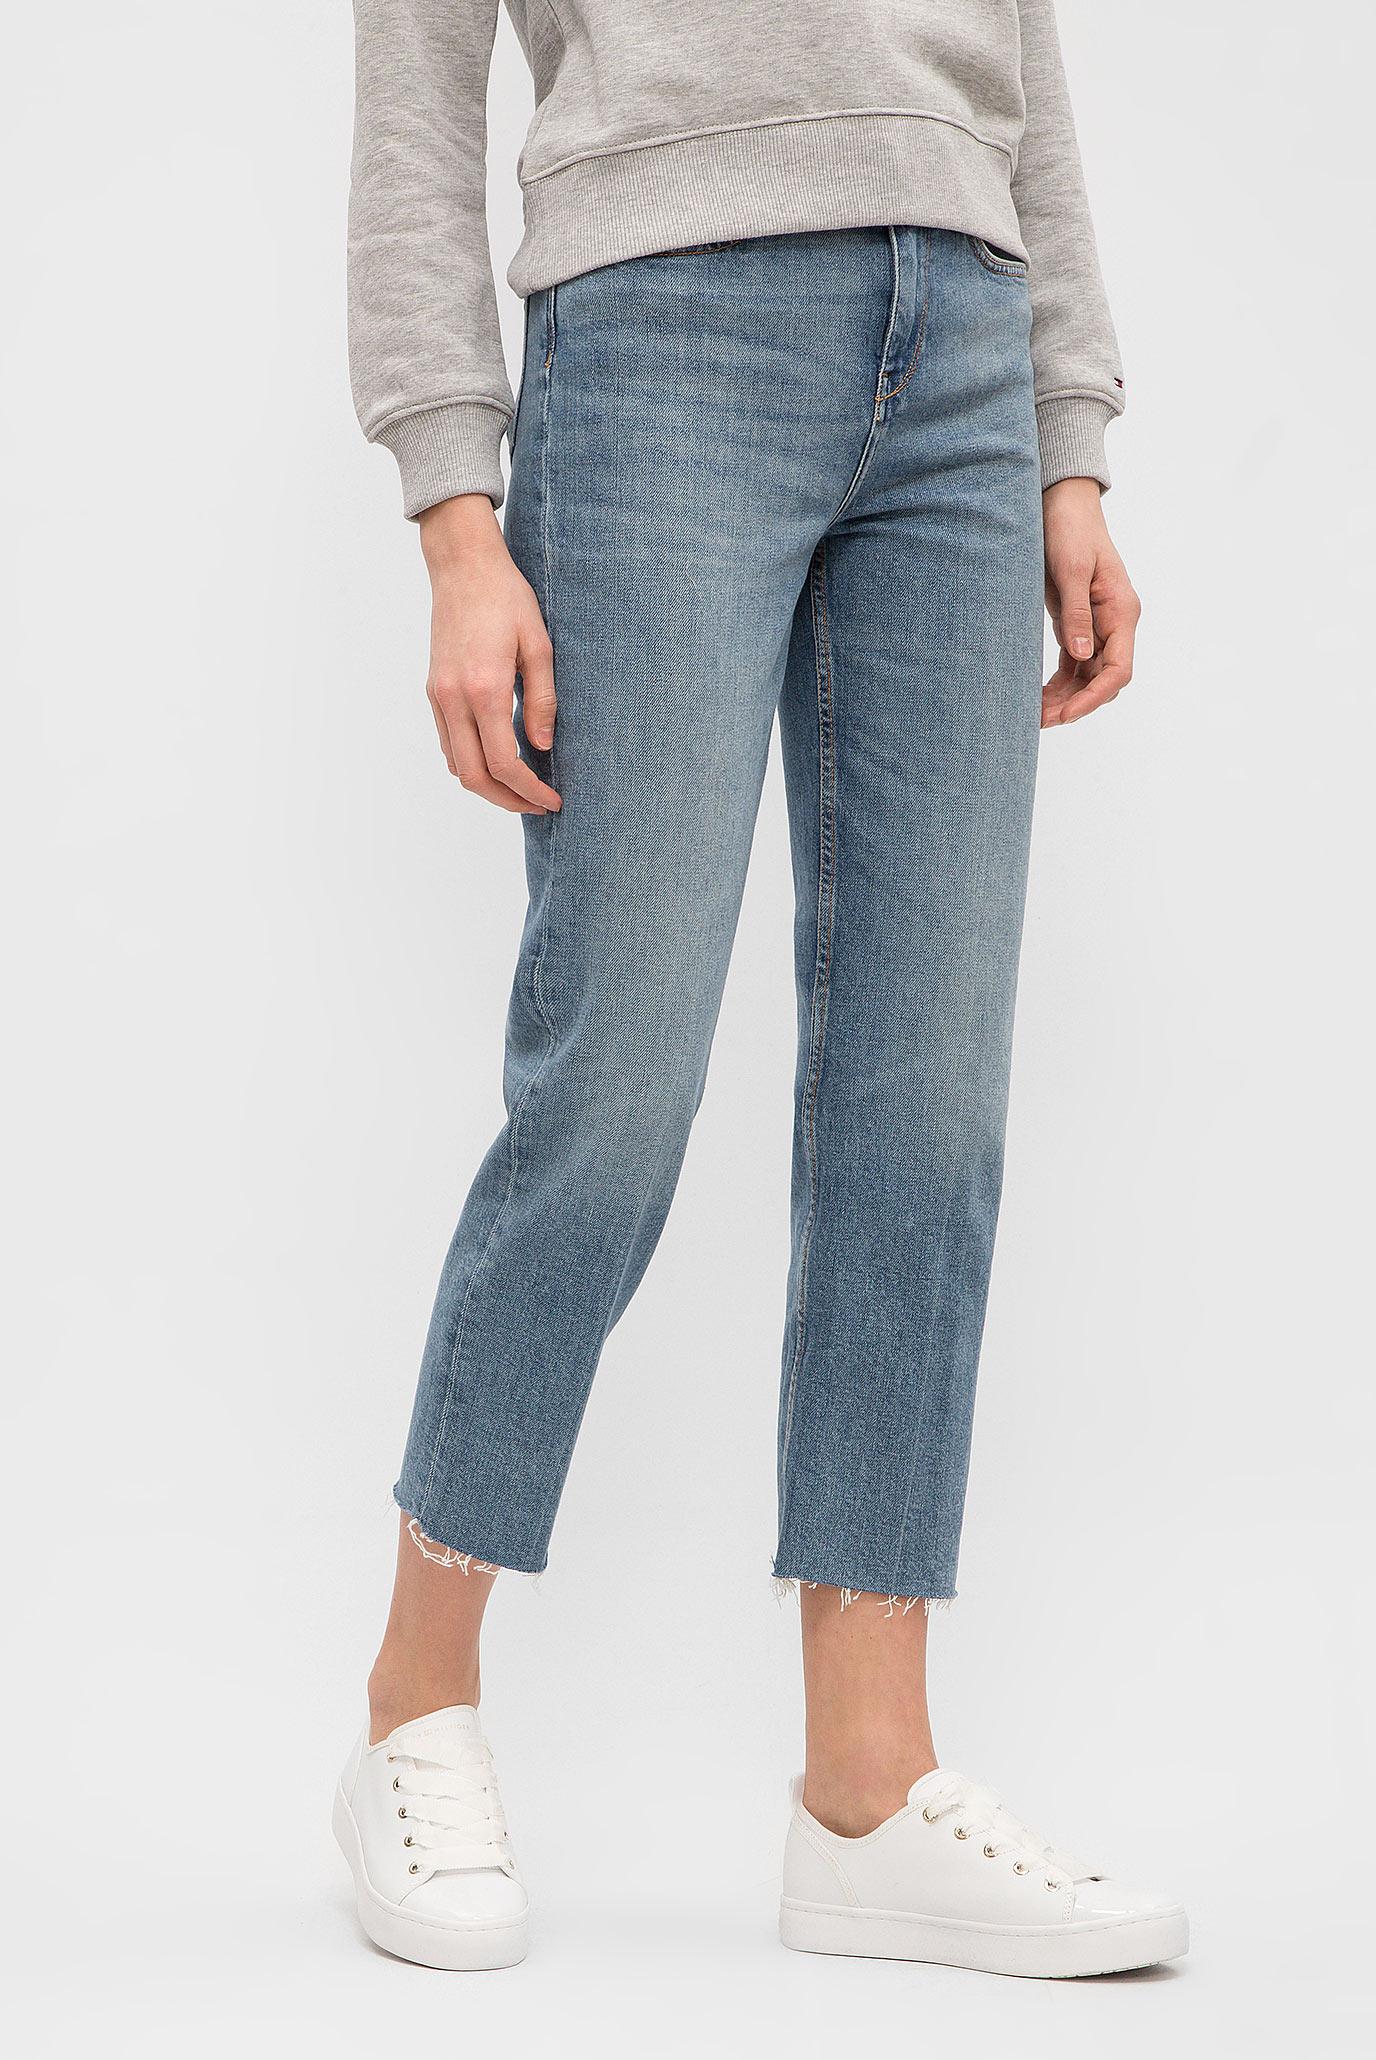 Купить Женские синие джинсы SLIM STRAIGHT HW CROPPED VIVI Tommy Hilfiger Tommy Hilfiger WW0WW21087 – Киев, Украина. Цены в интернет магазине MD Fashion